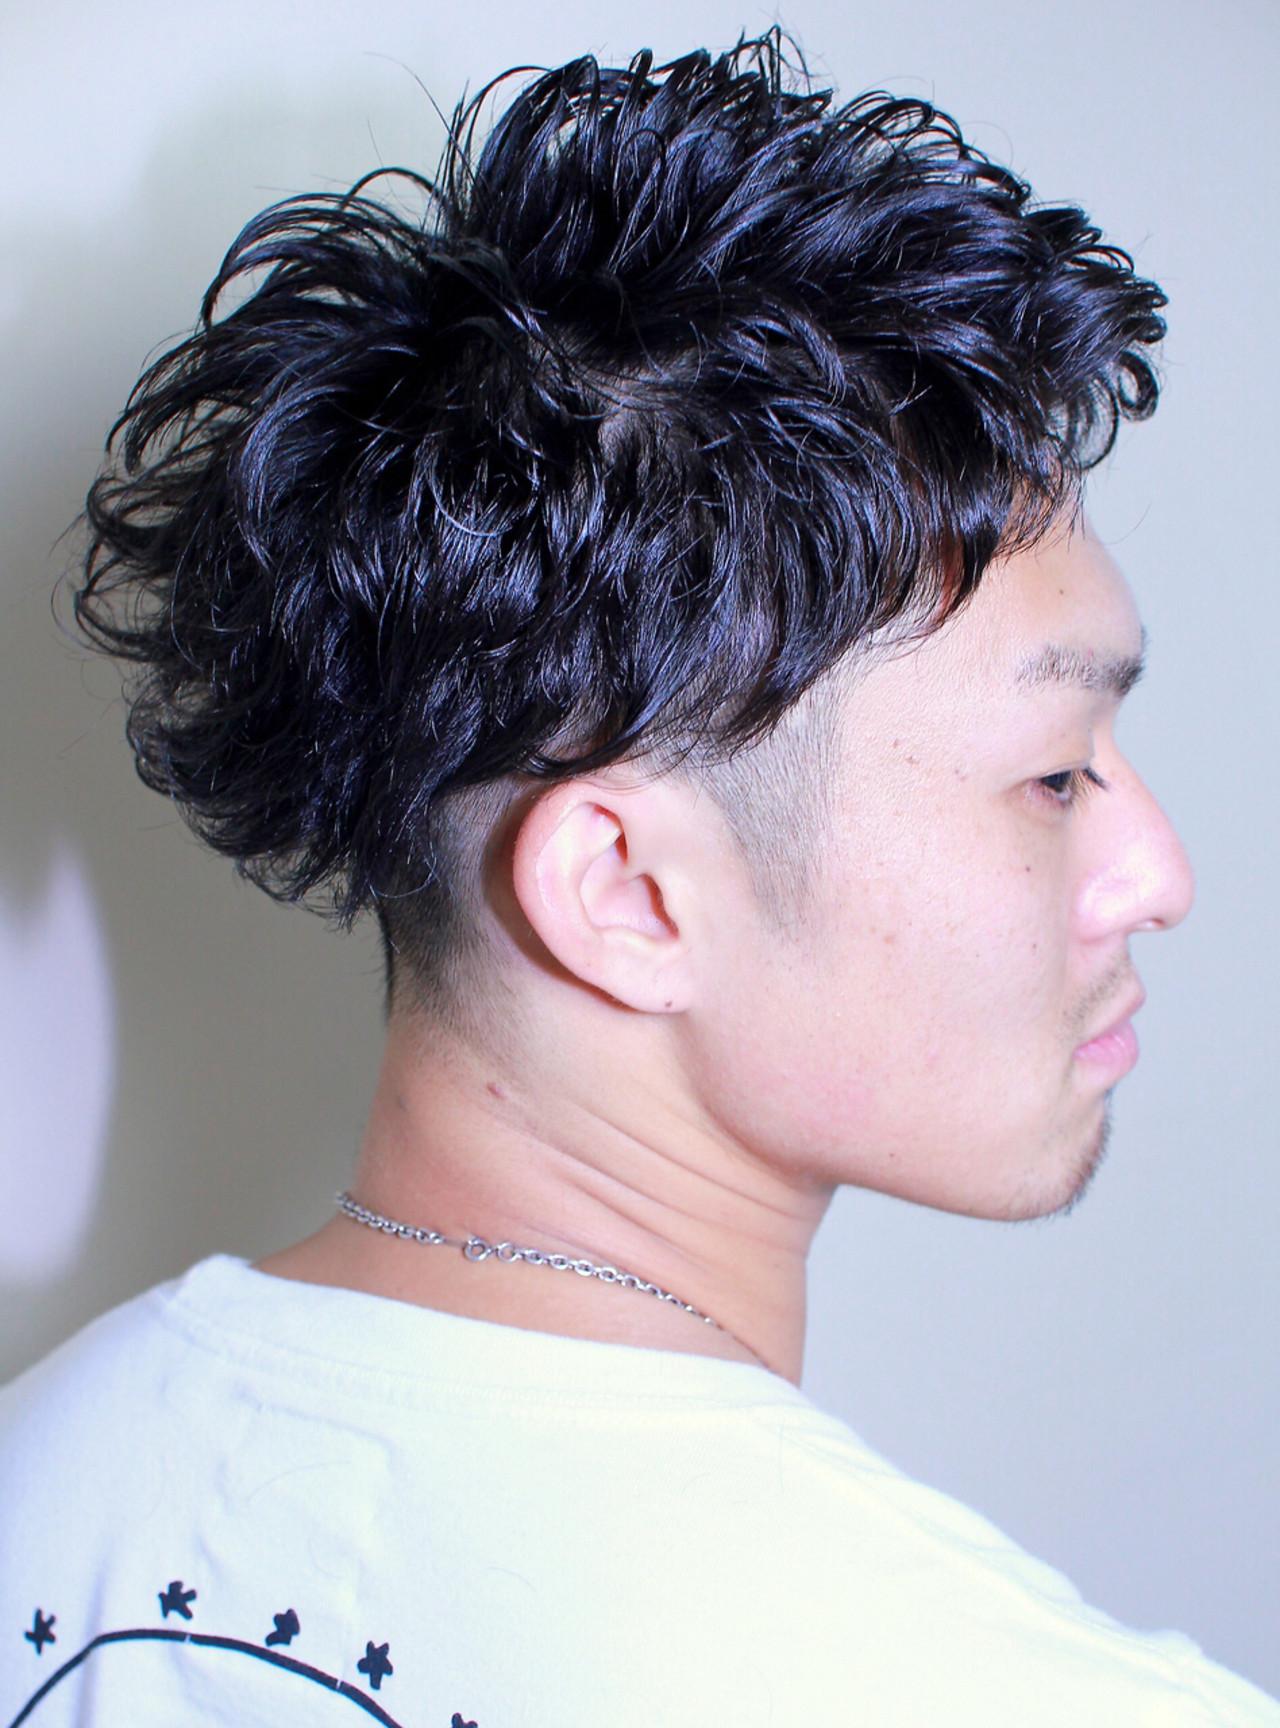 メンズ パーマ 坊主 ストリート ヘアスタイルや髪型の写真・画像 | 鈴木 祐太 / BLITZ R-EVOLUT